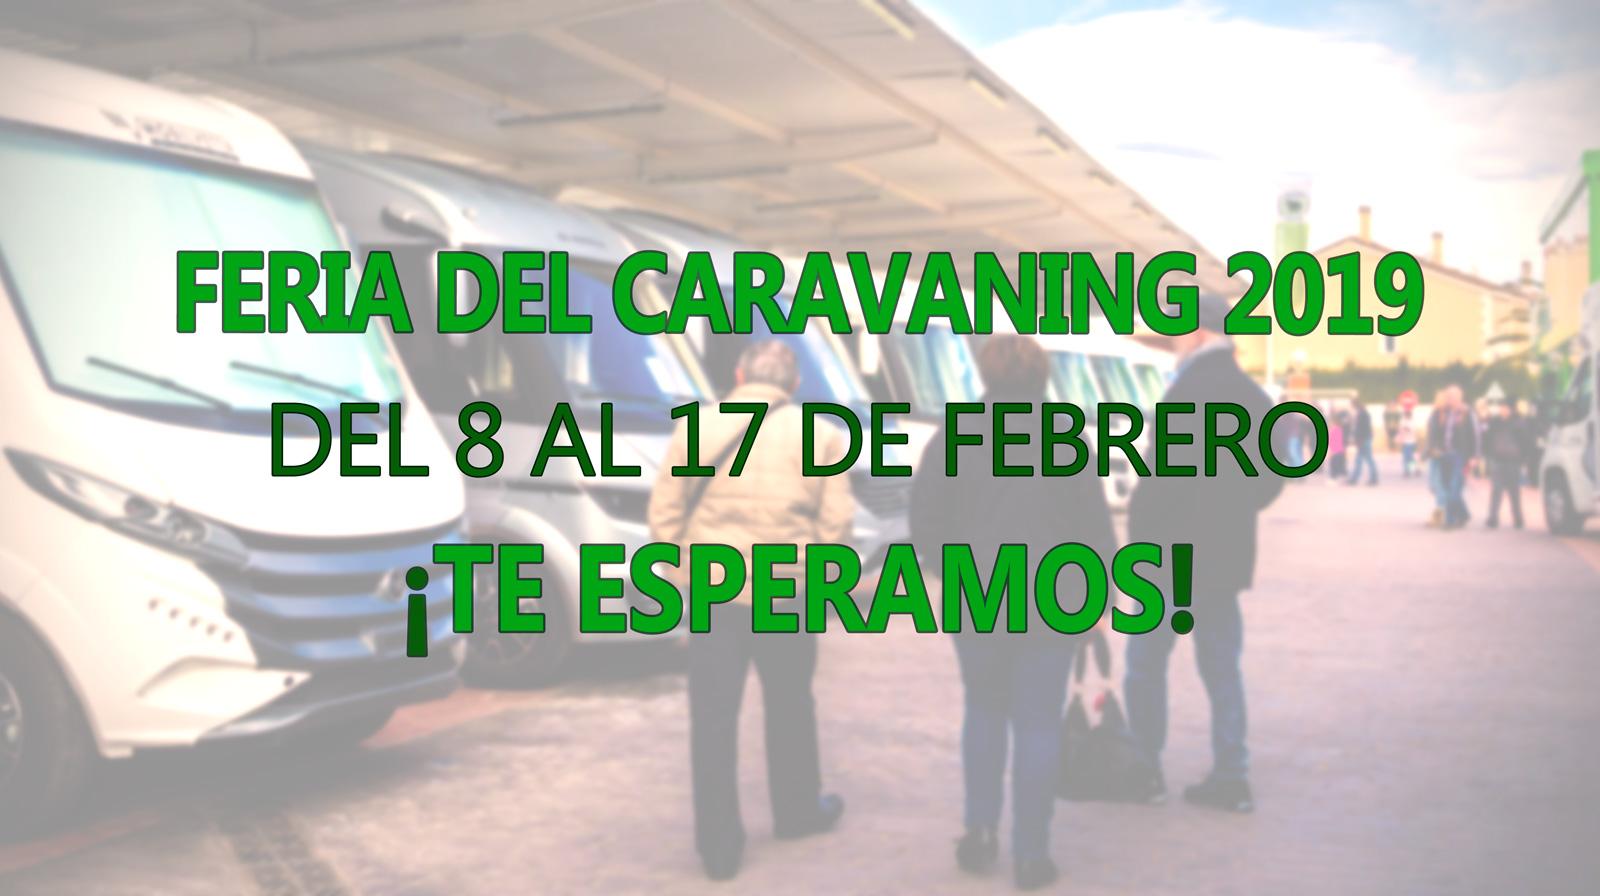 Feria del Caravaning 2019